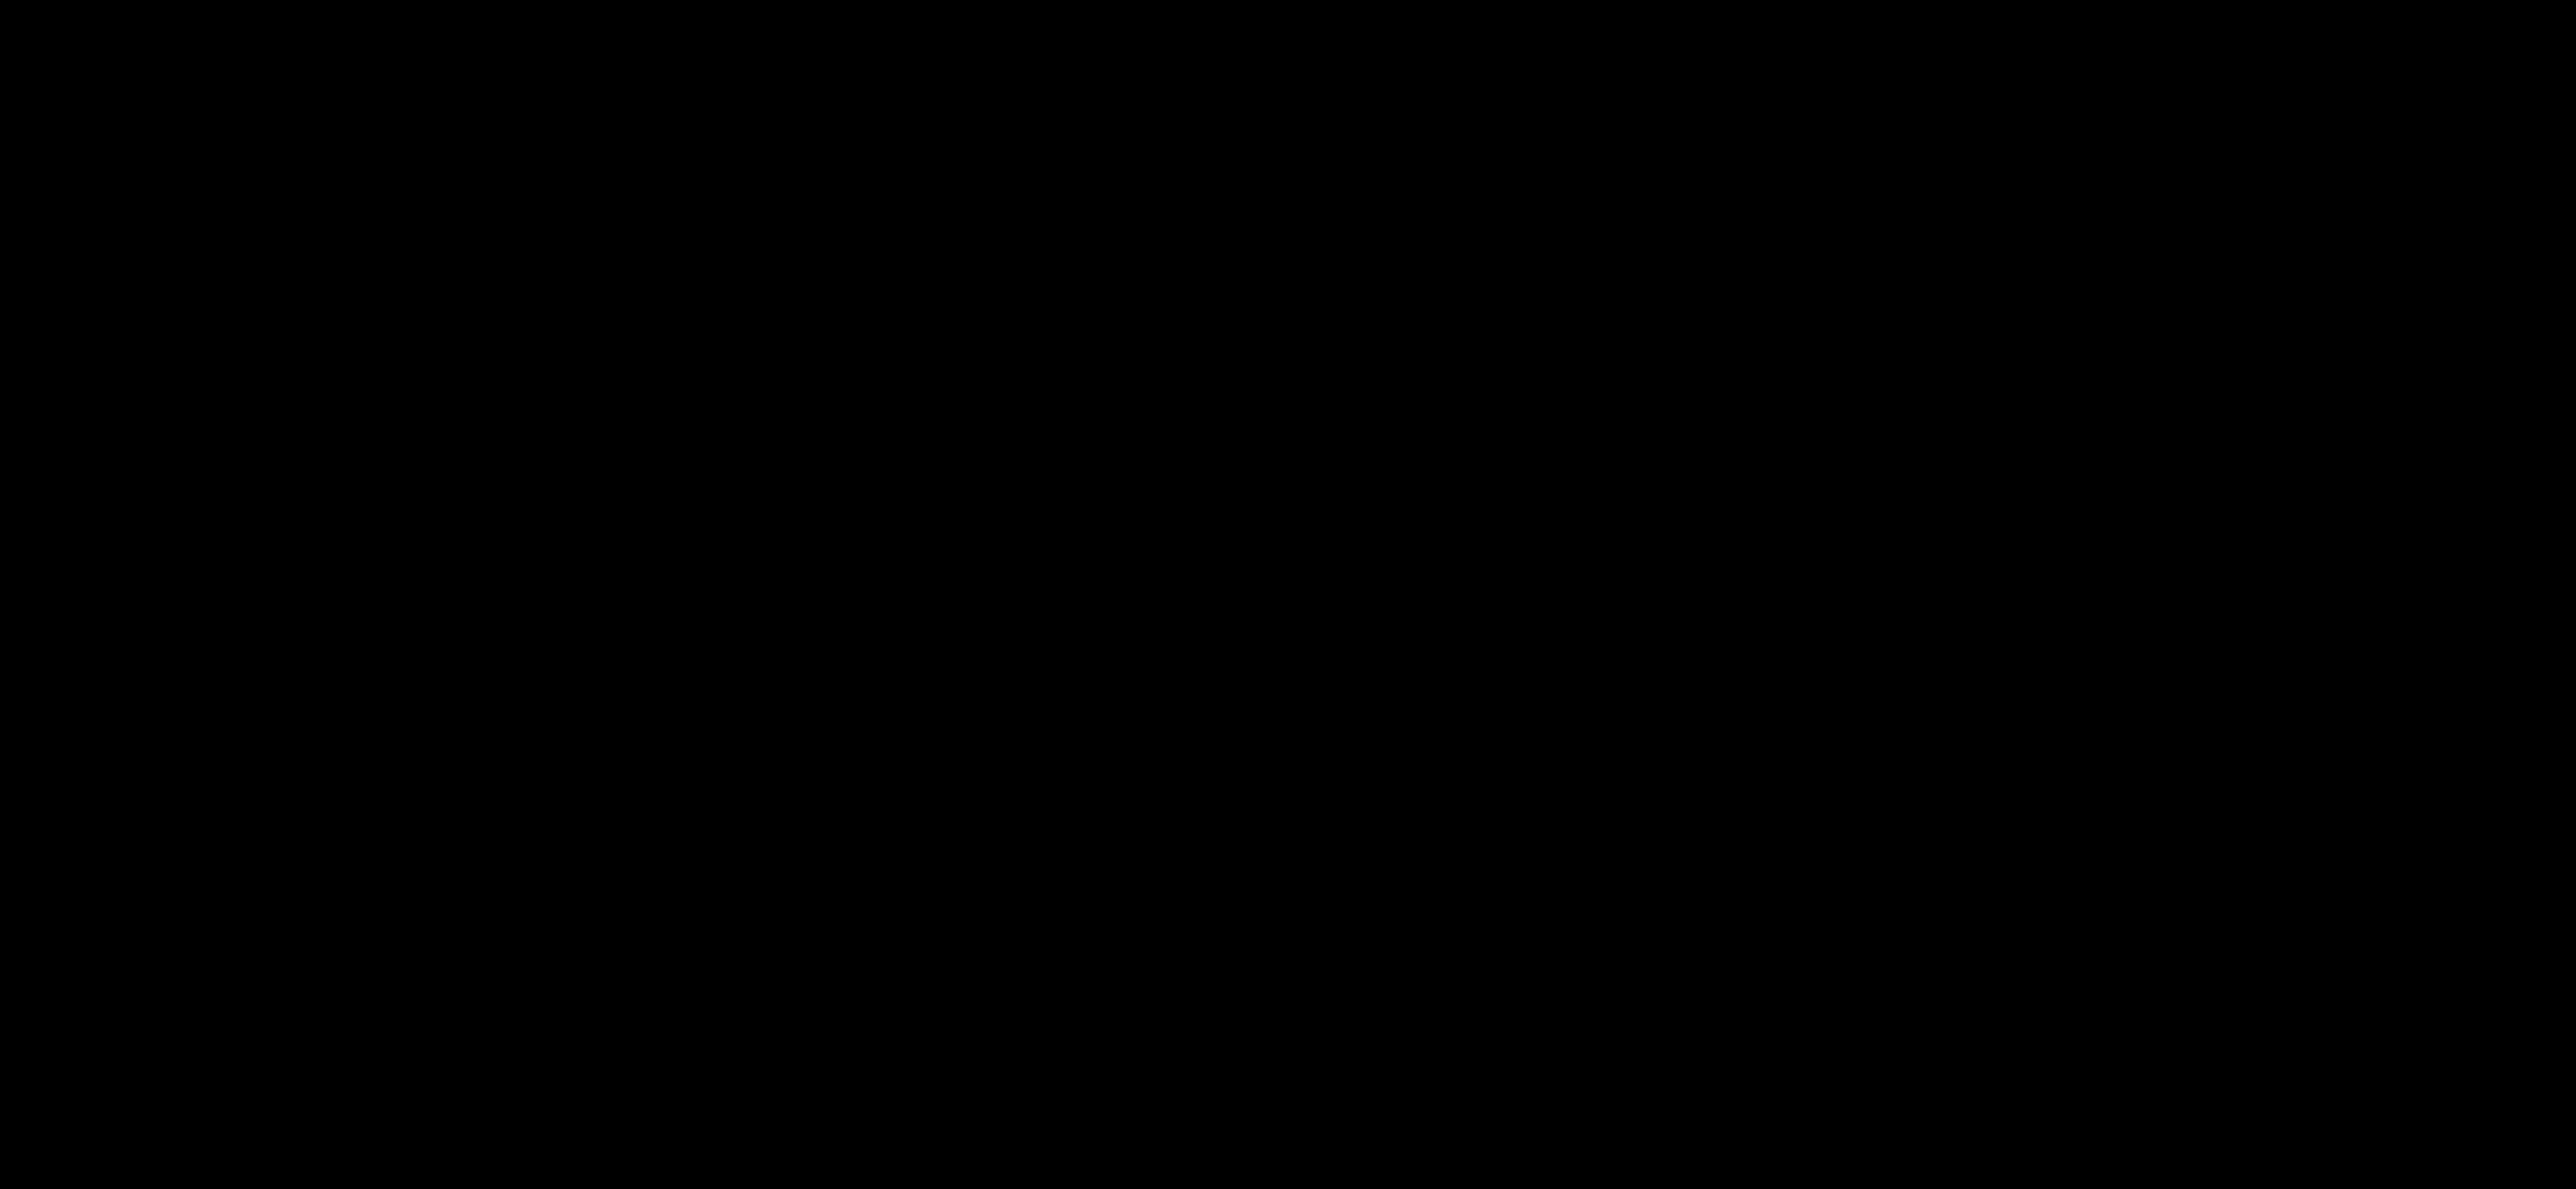 Weighbridge Software - Truck Weighbridge Management Software & Unmanned System